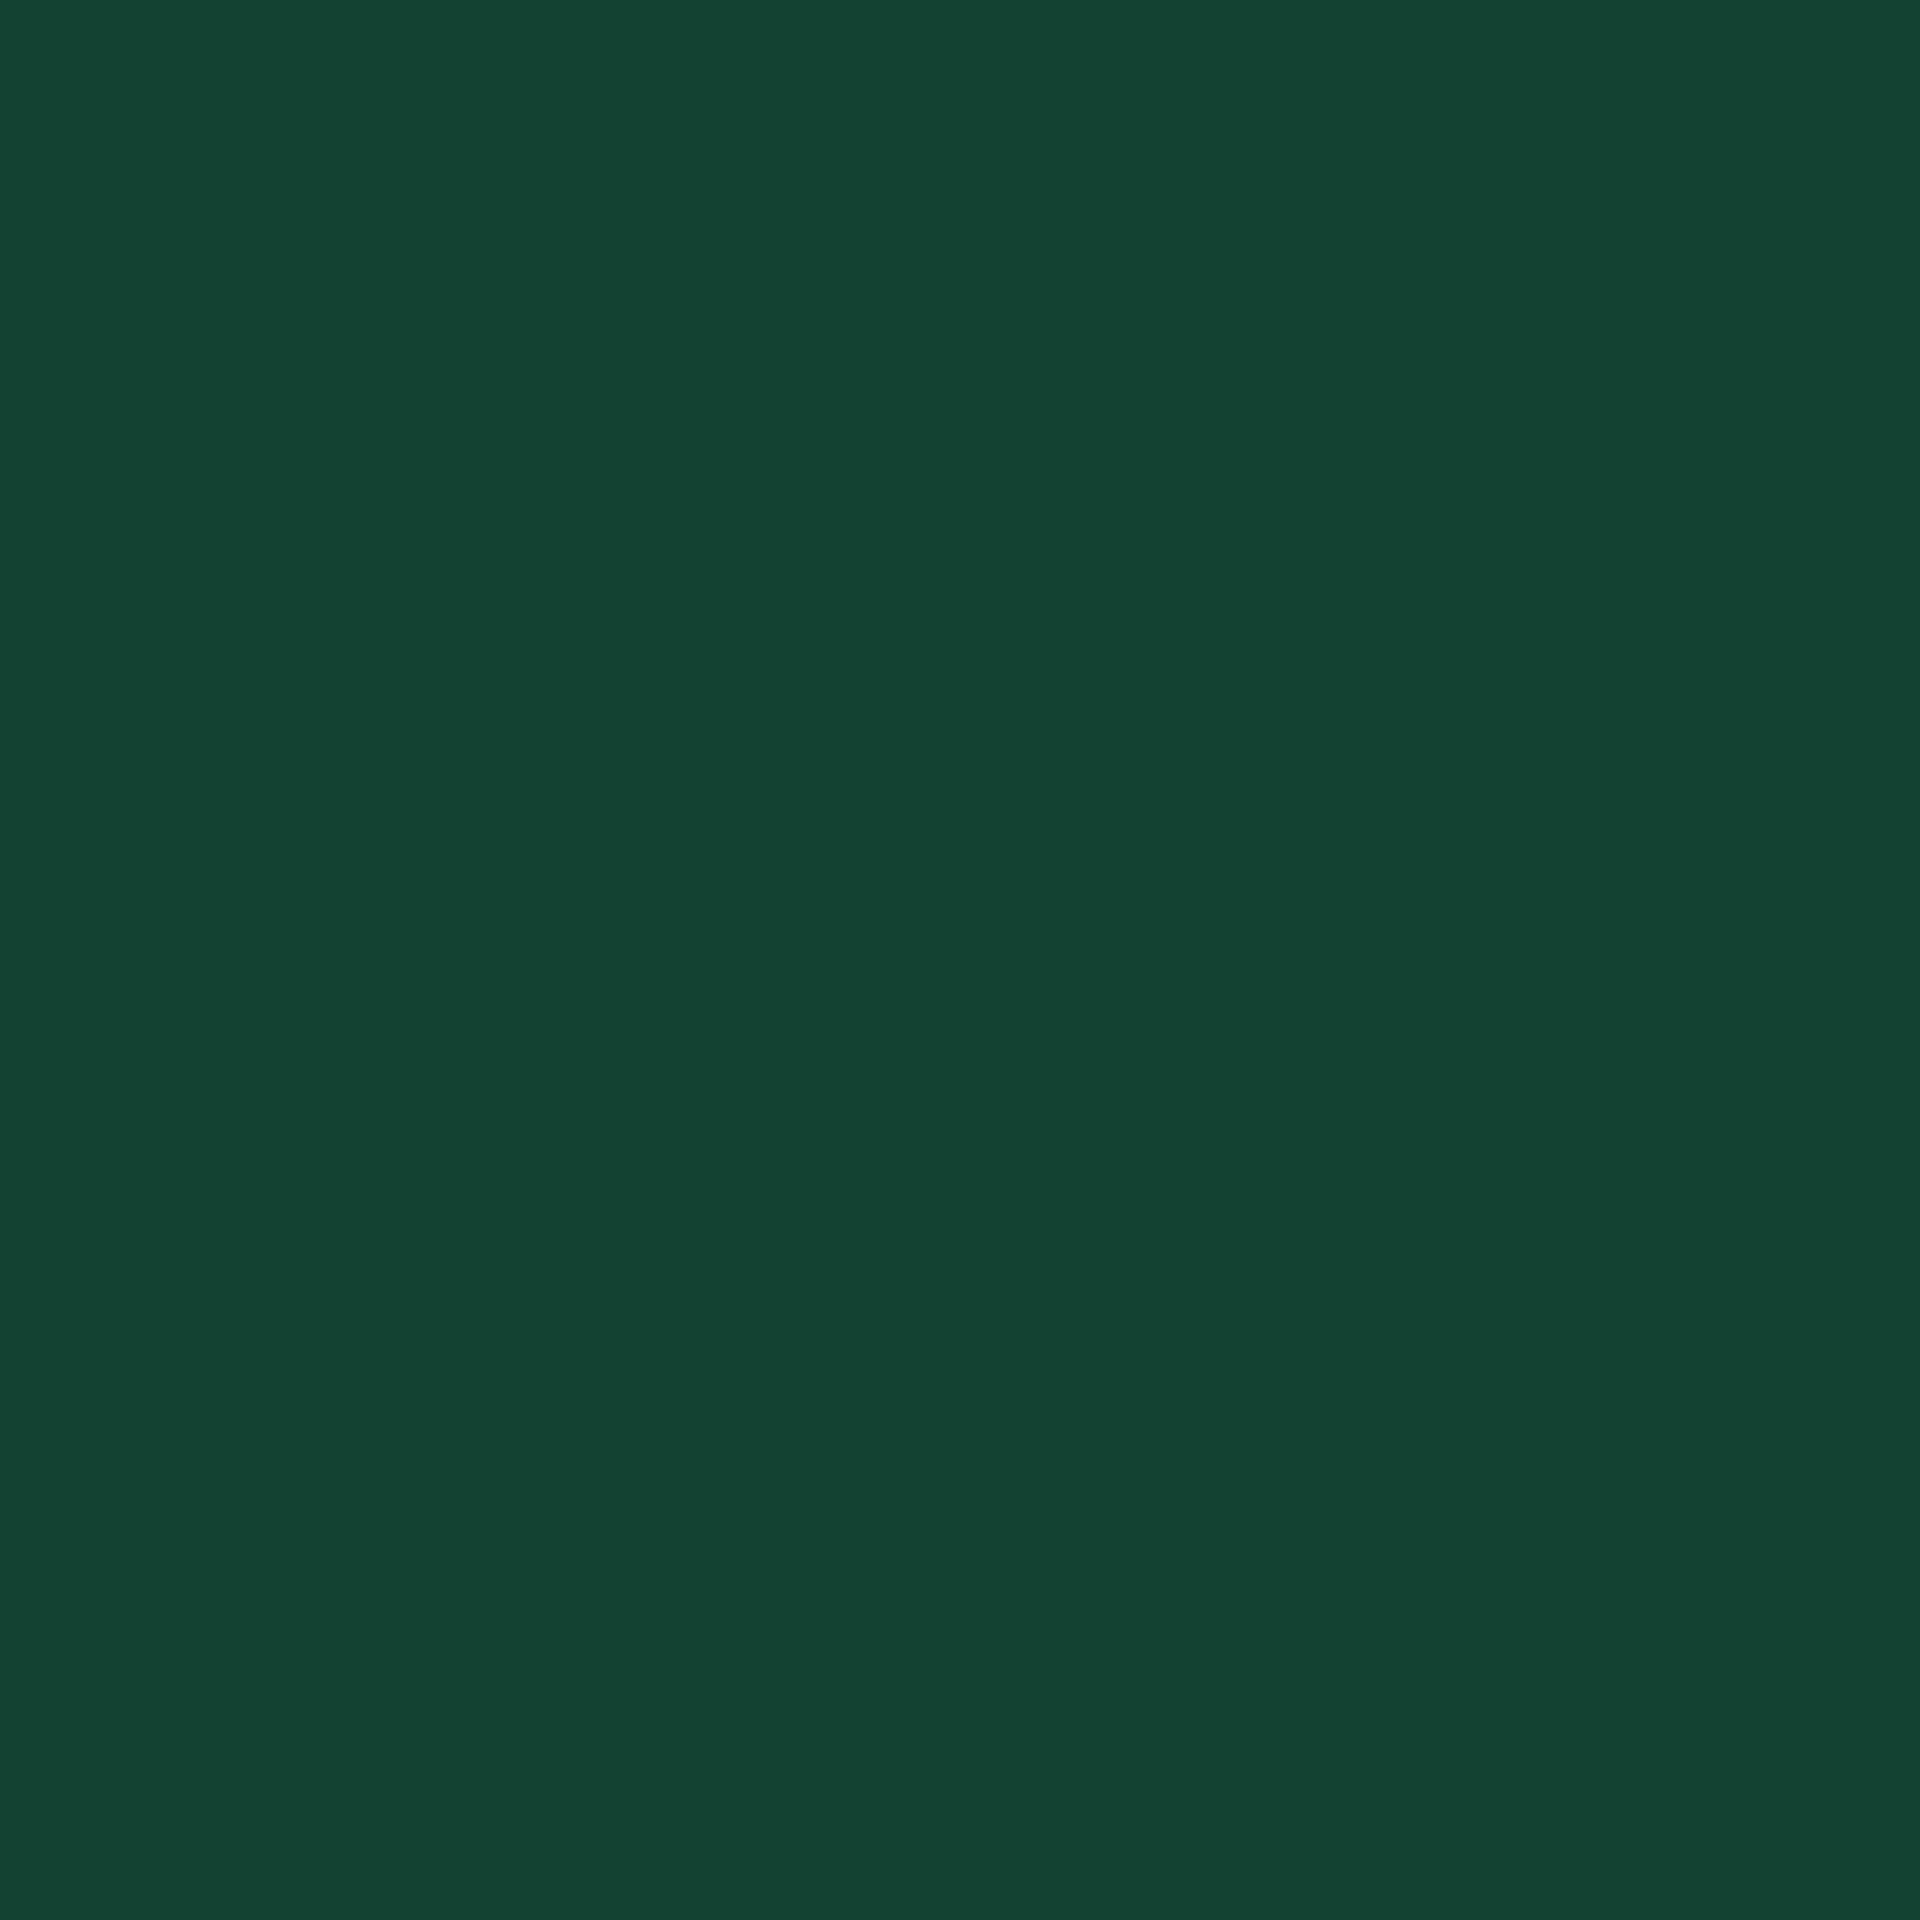 Tmavě zelená RAL 6005